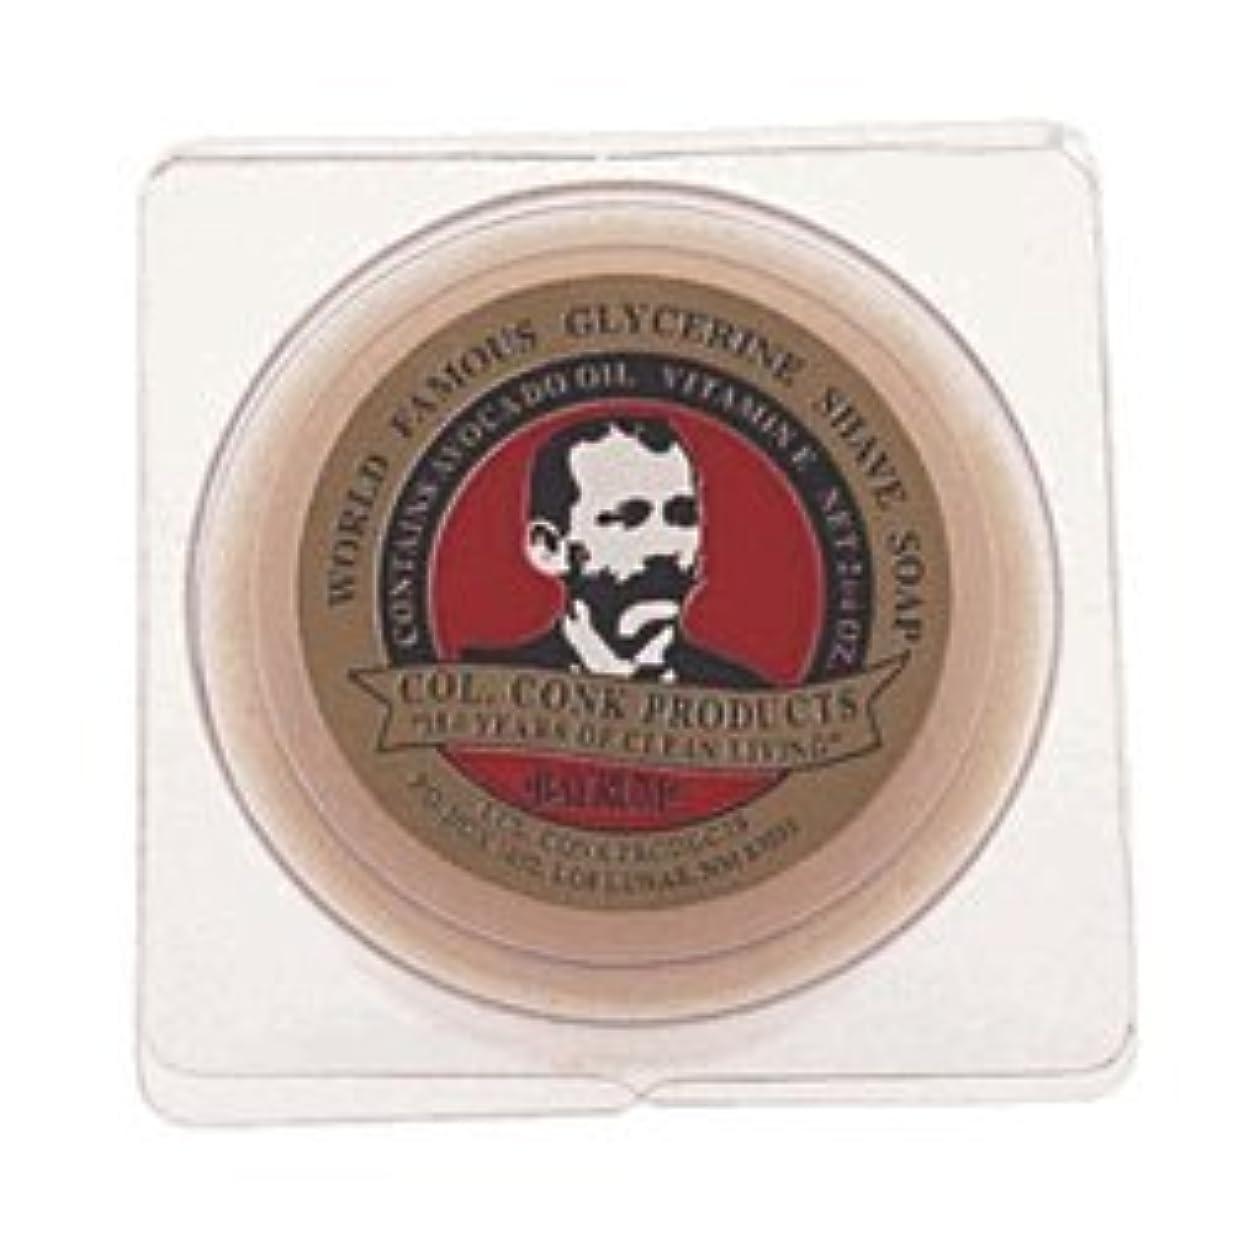 買収アウター悪化するColonel Conk Glycerin Shave Soap Bay Rum (106g) [並行輸入品]